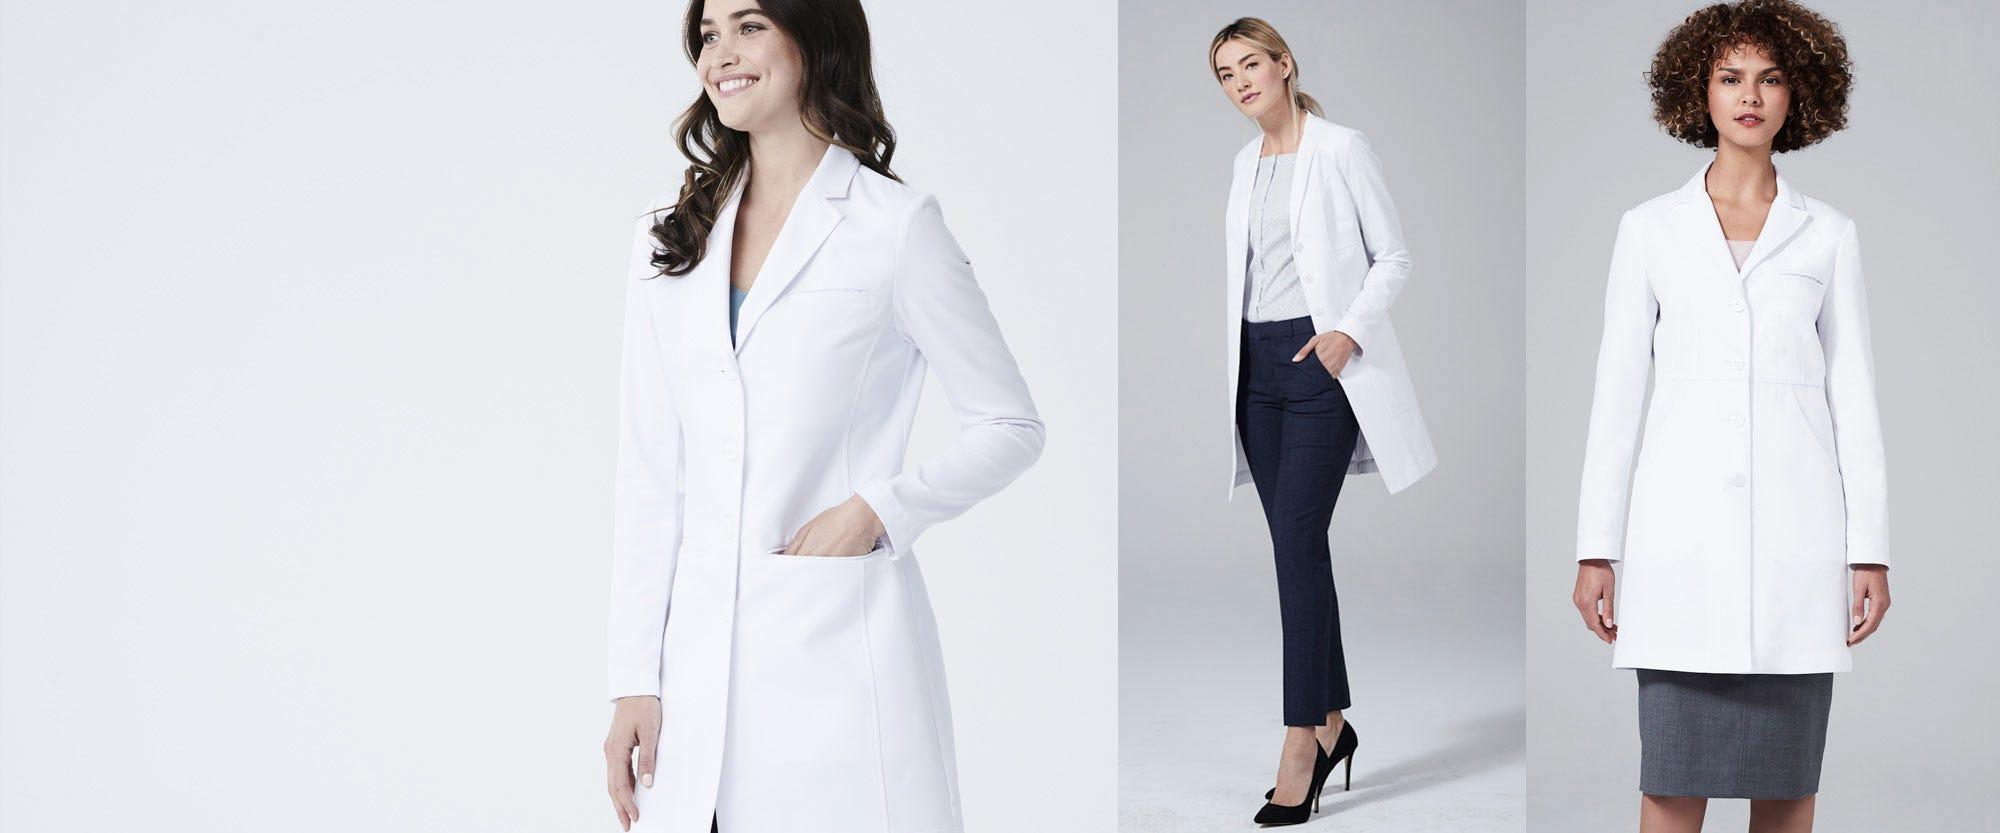 womens lab coats